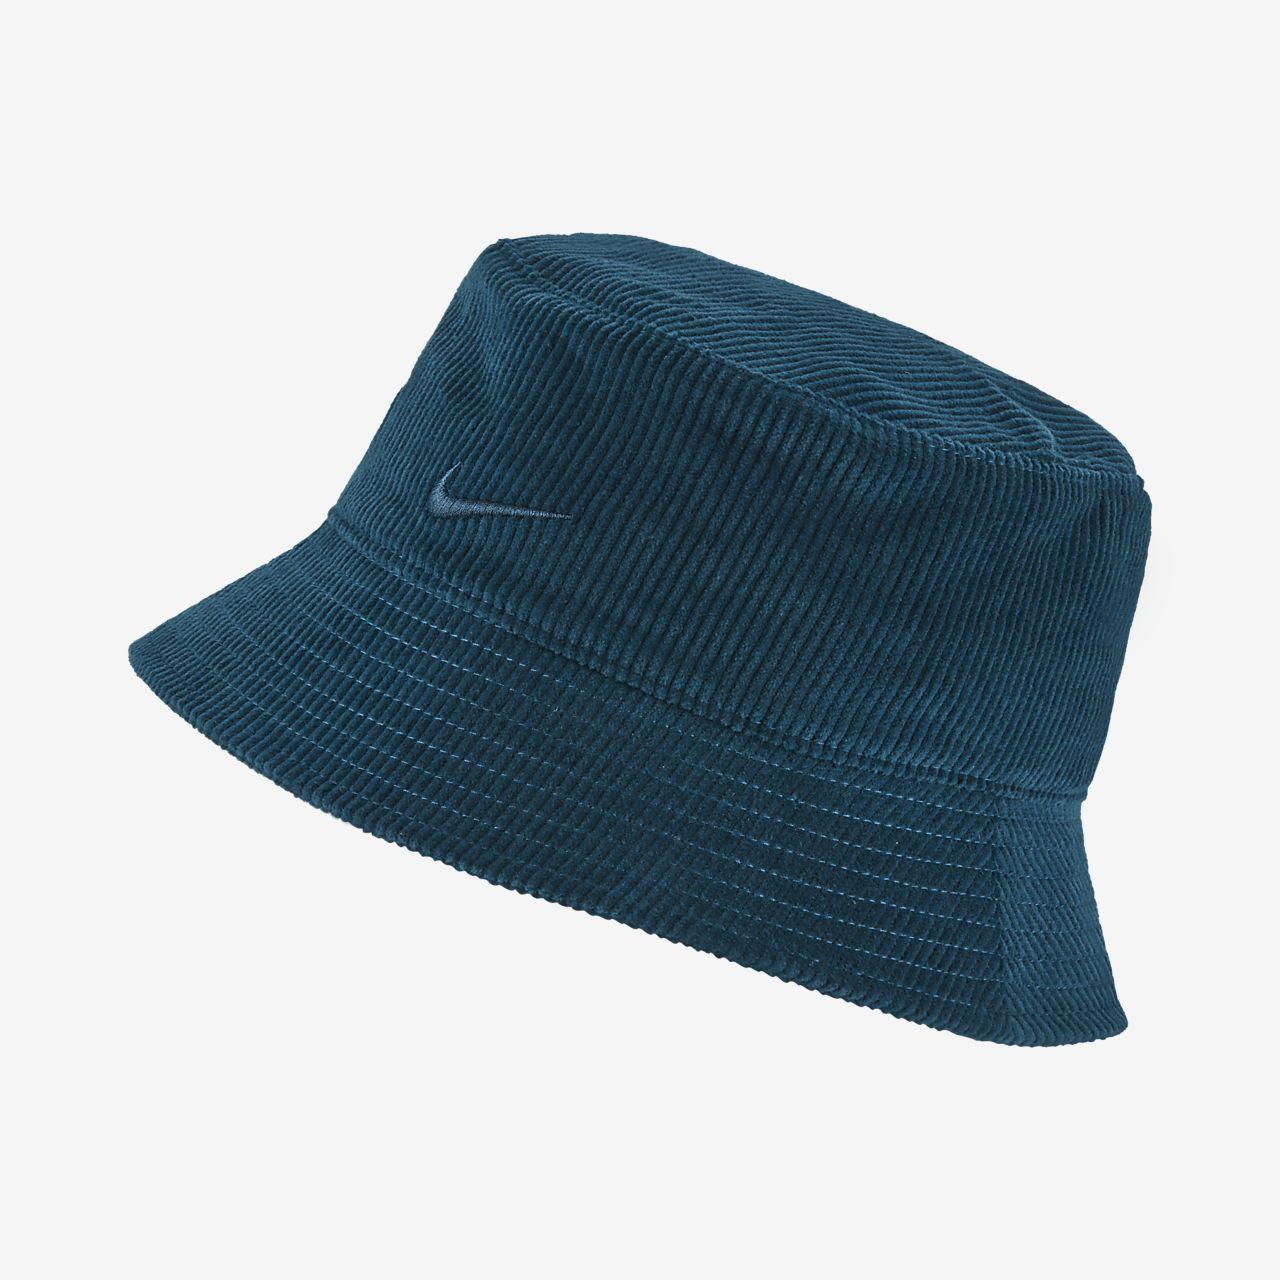 Damski kapelusz sztruksowy Nike Sportswear